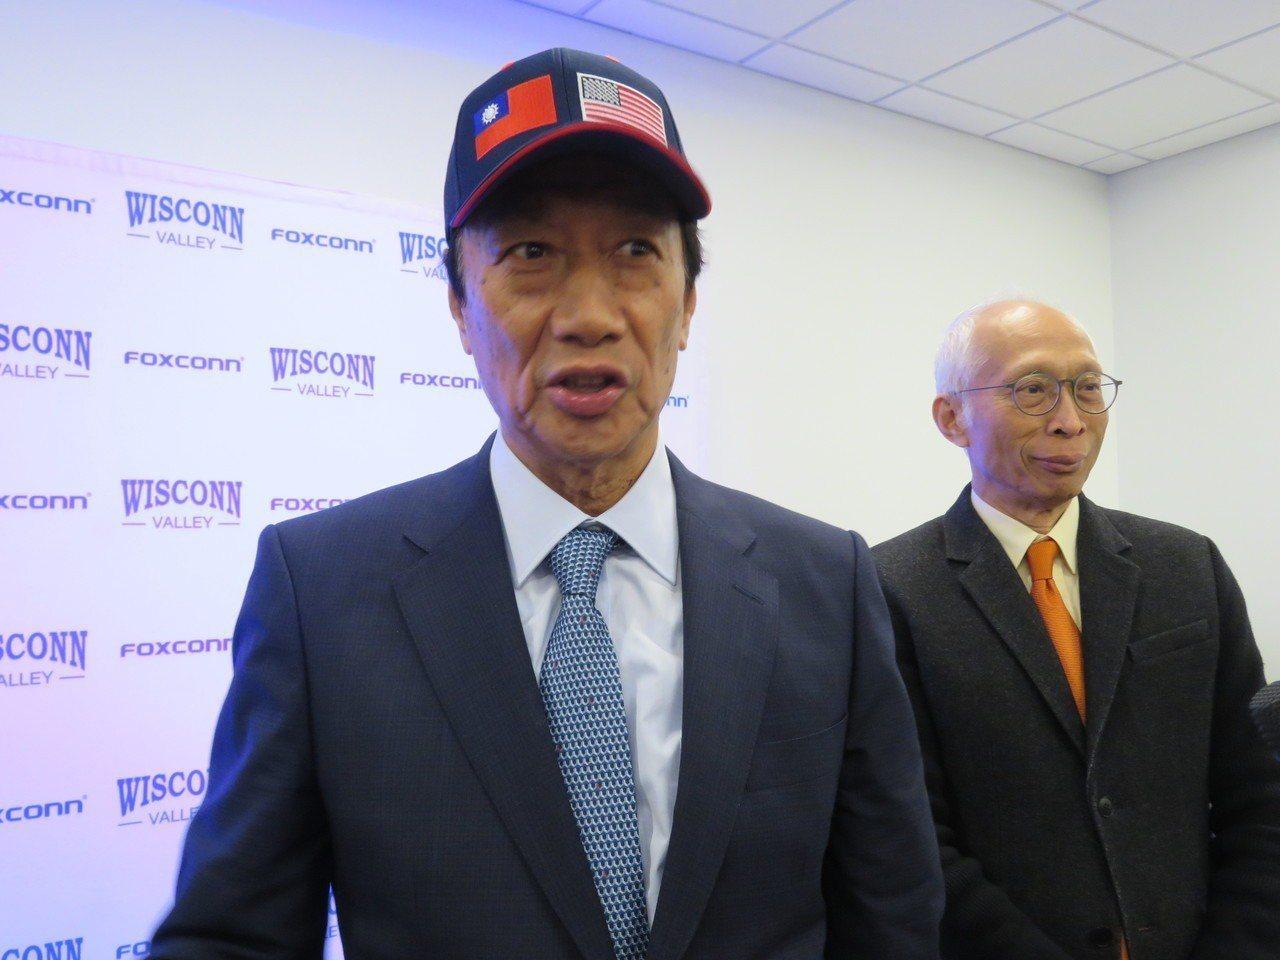 鴻海董事長郭台銘(左)2日在美國威州受訪。記者張加/攝影